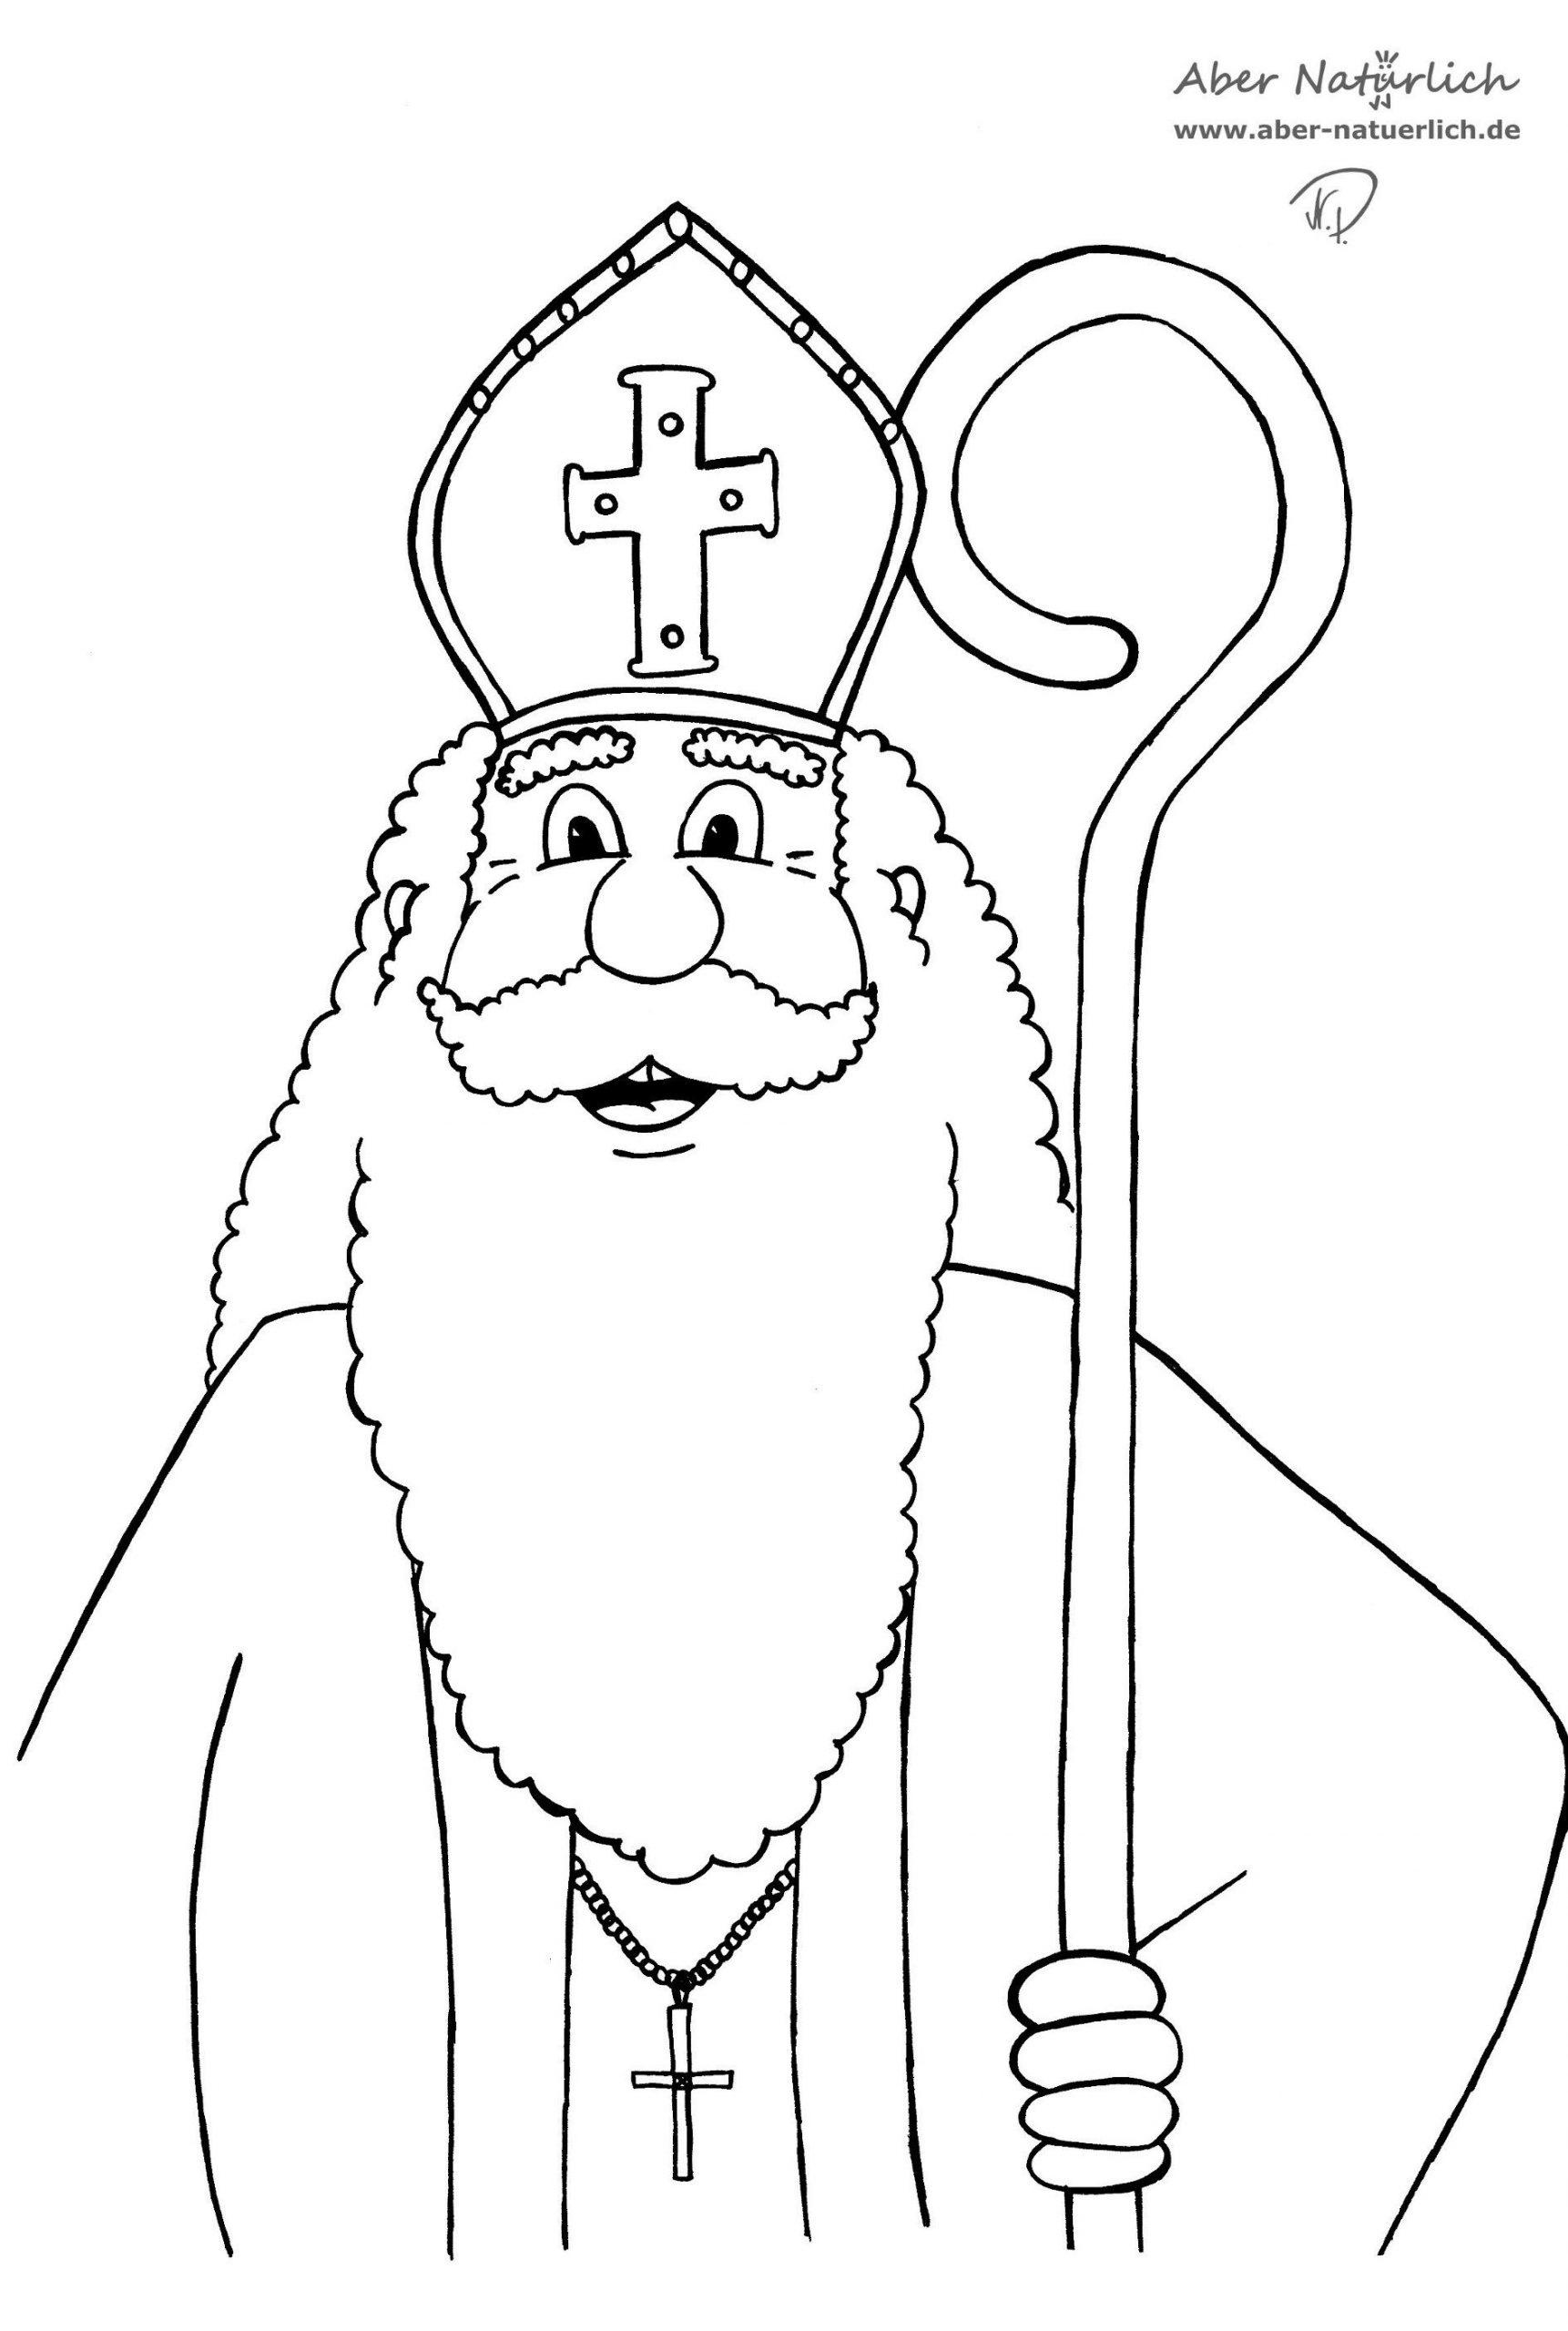 Ausmalbilder Nikolaus (Saint Nicholas) (Mit Bildern mit Nikolaus Ausmalbilder